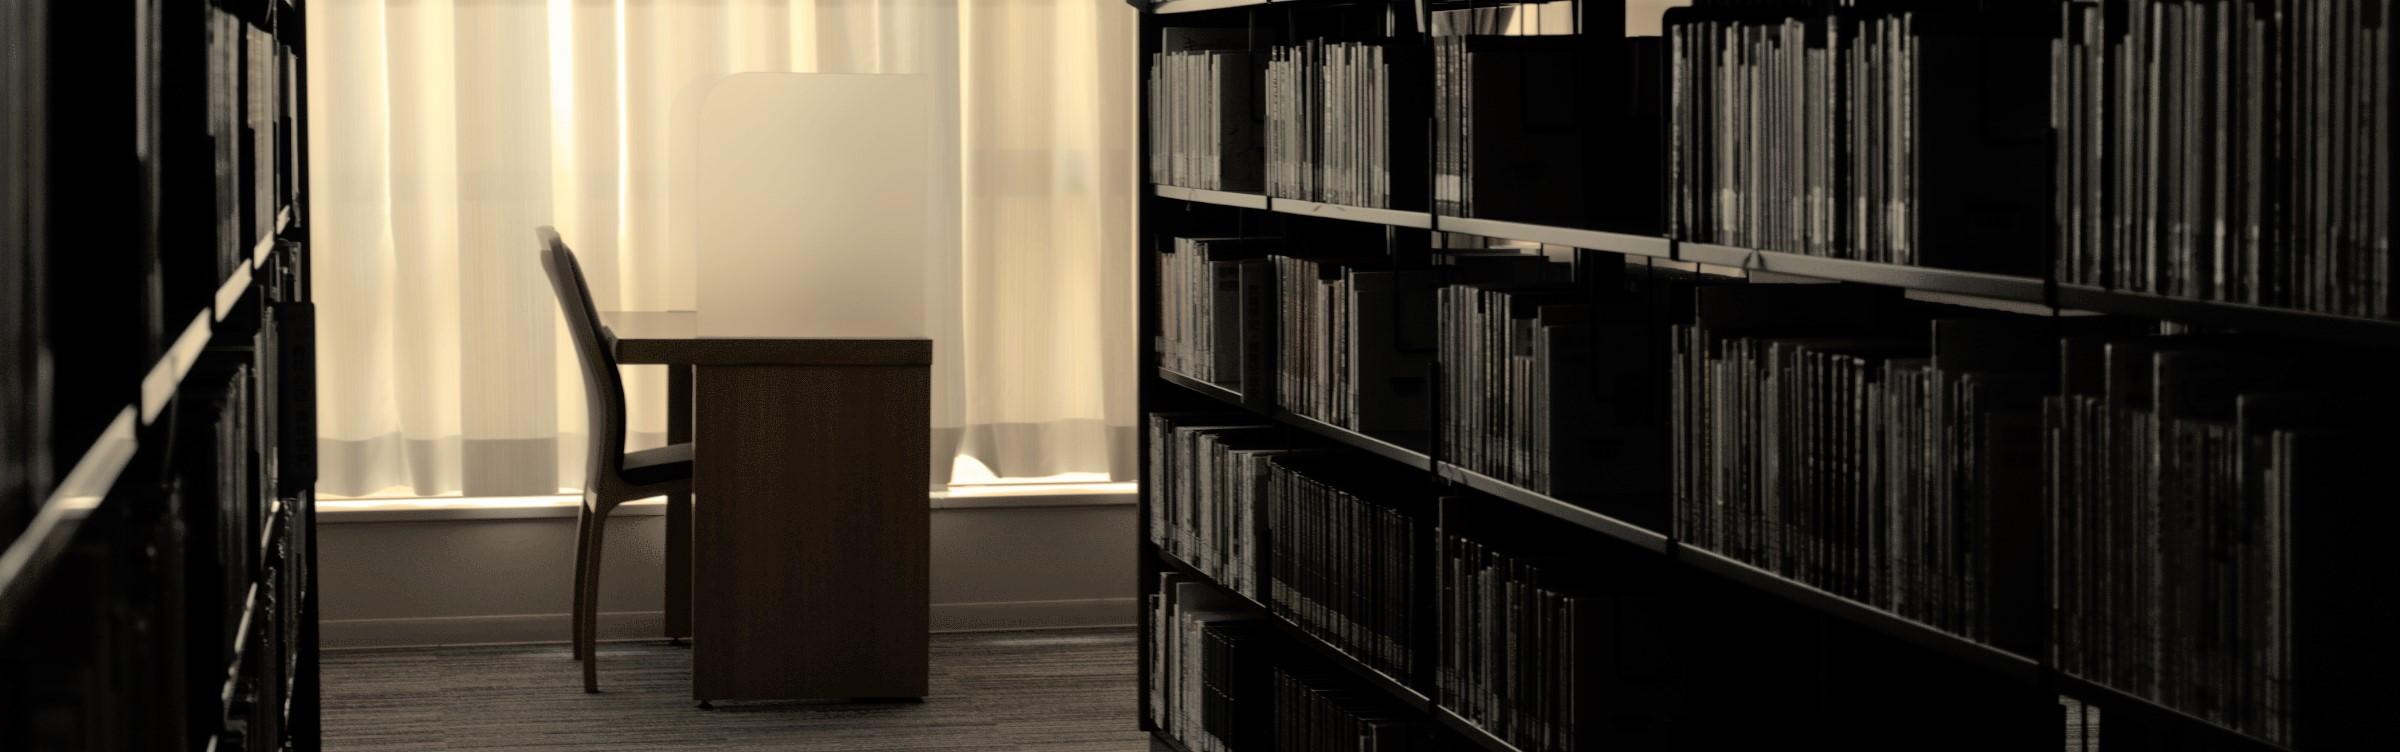 図書館 - 京都ノートルダム女子大学図書館情報センター